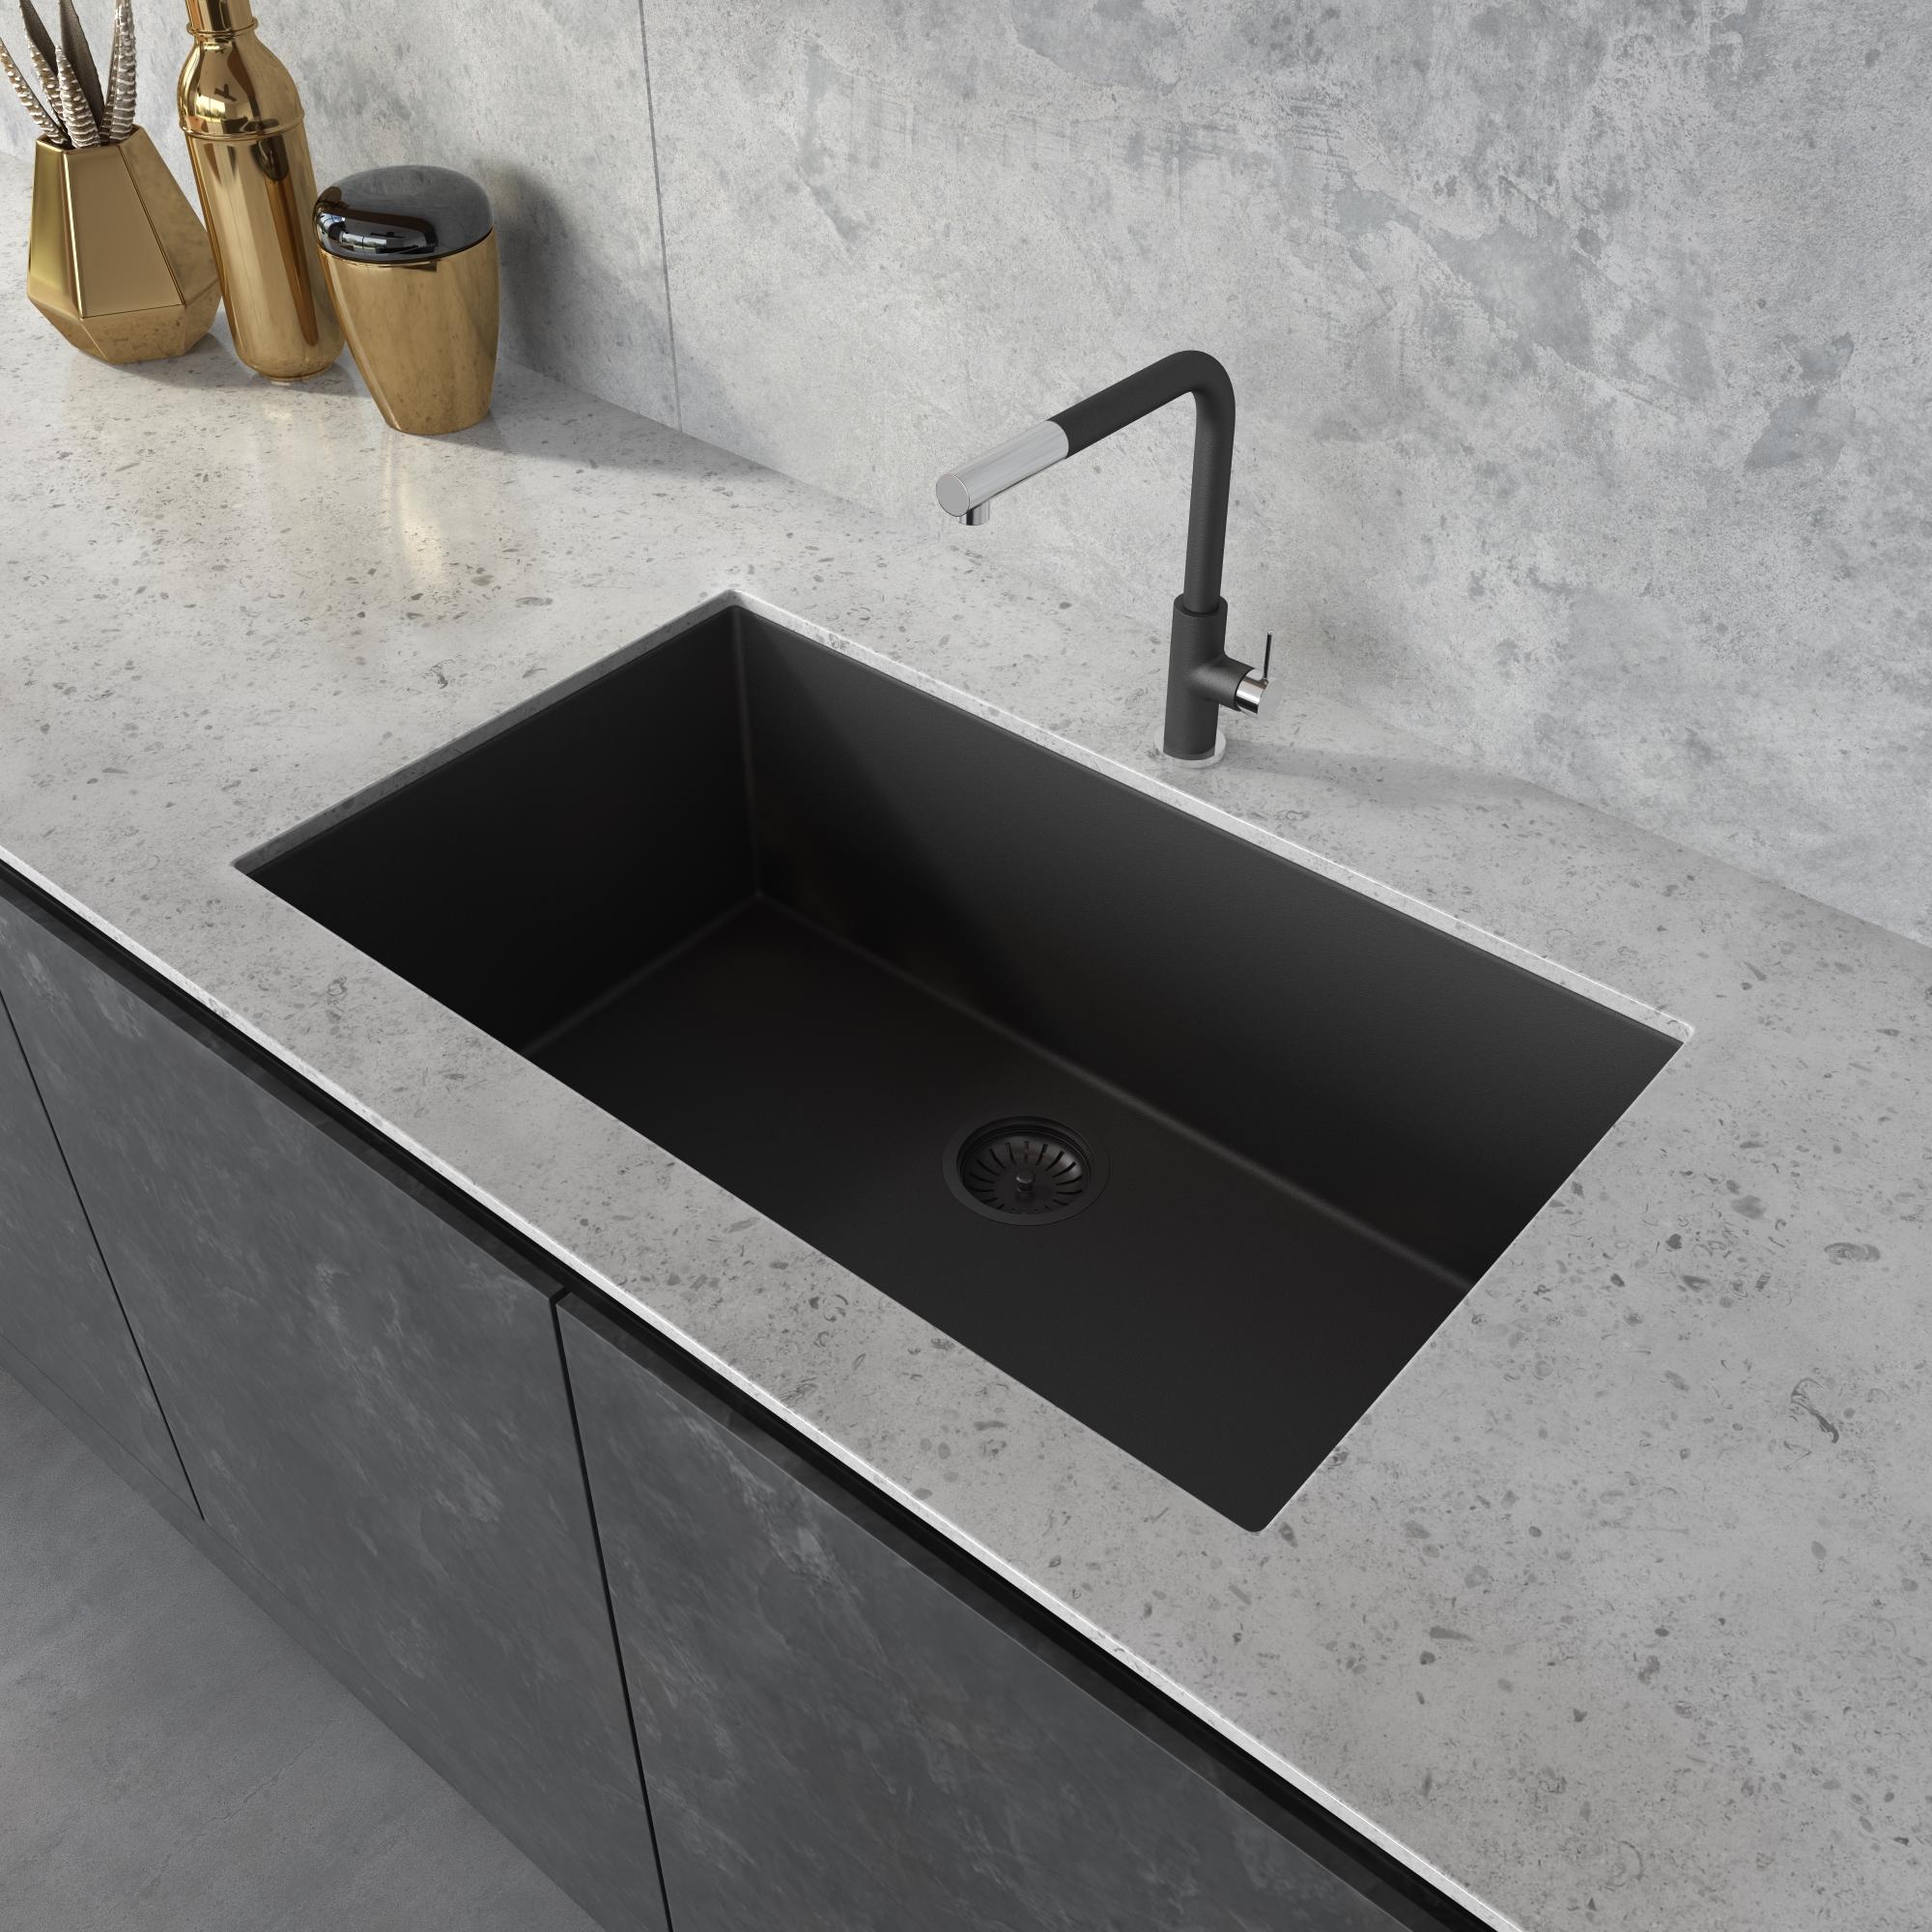 30 x 17 inch granite composite